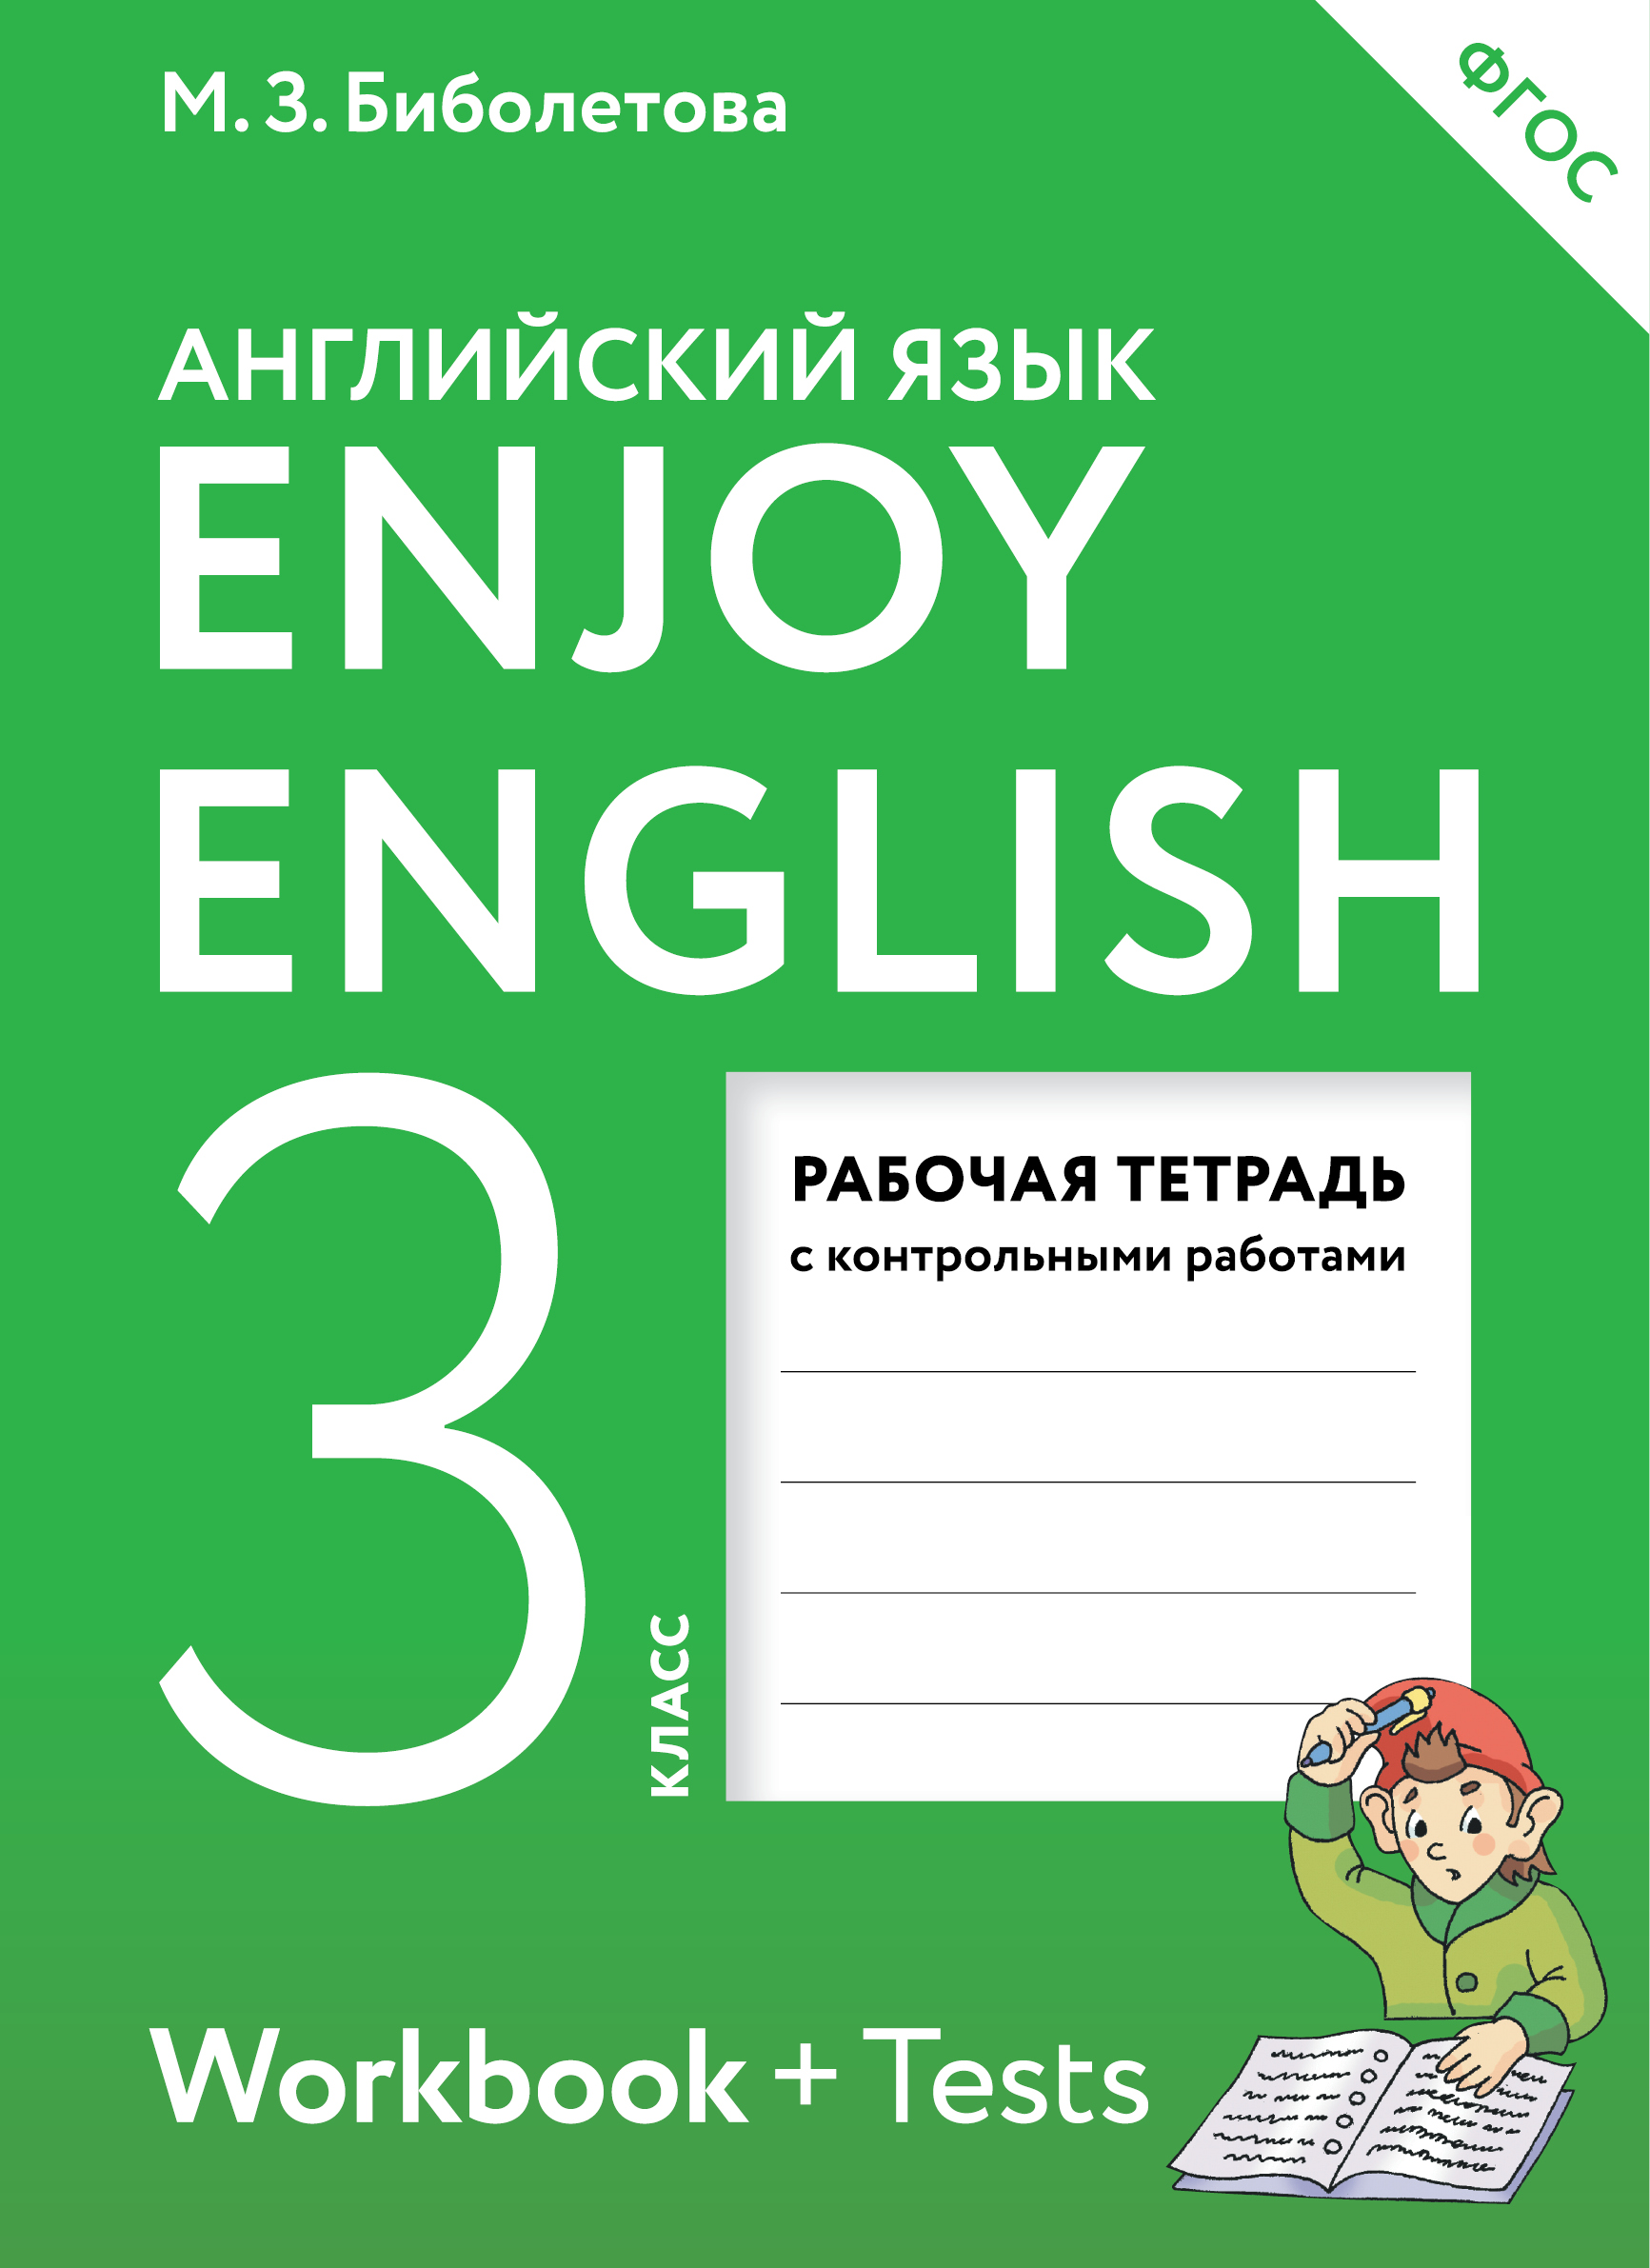 учебник биболетова 3 класс купить